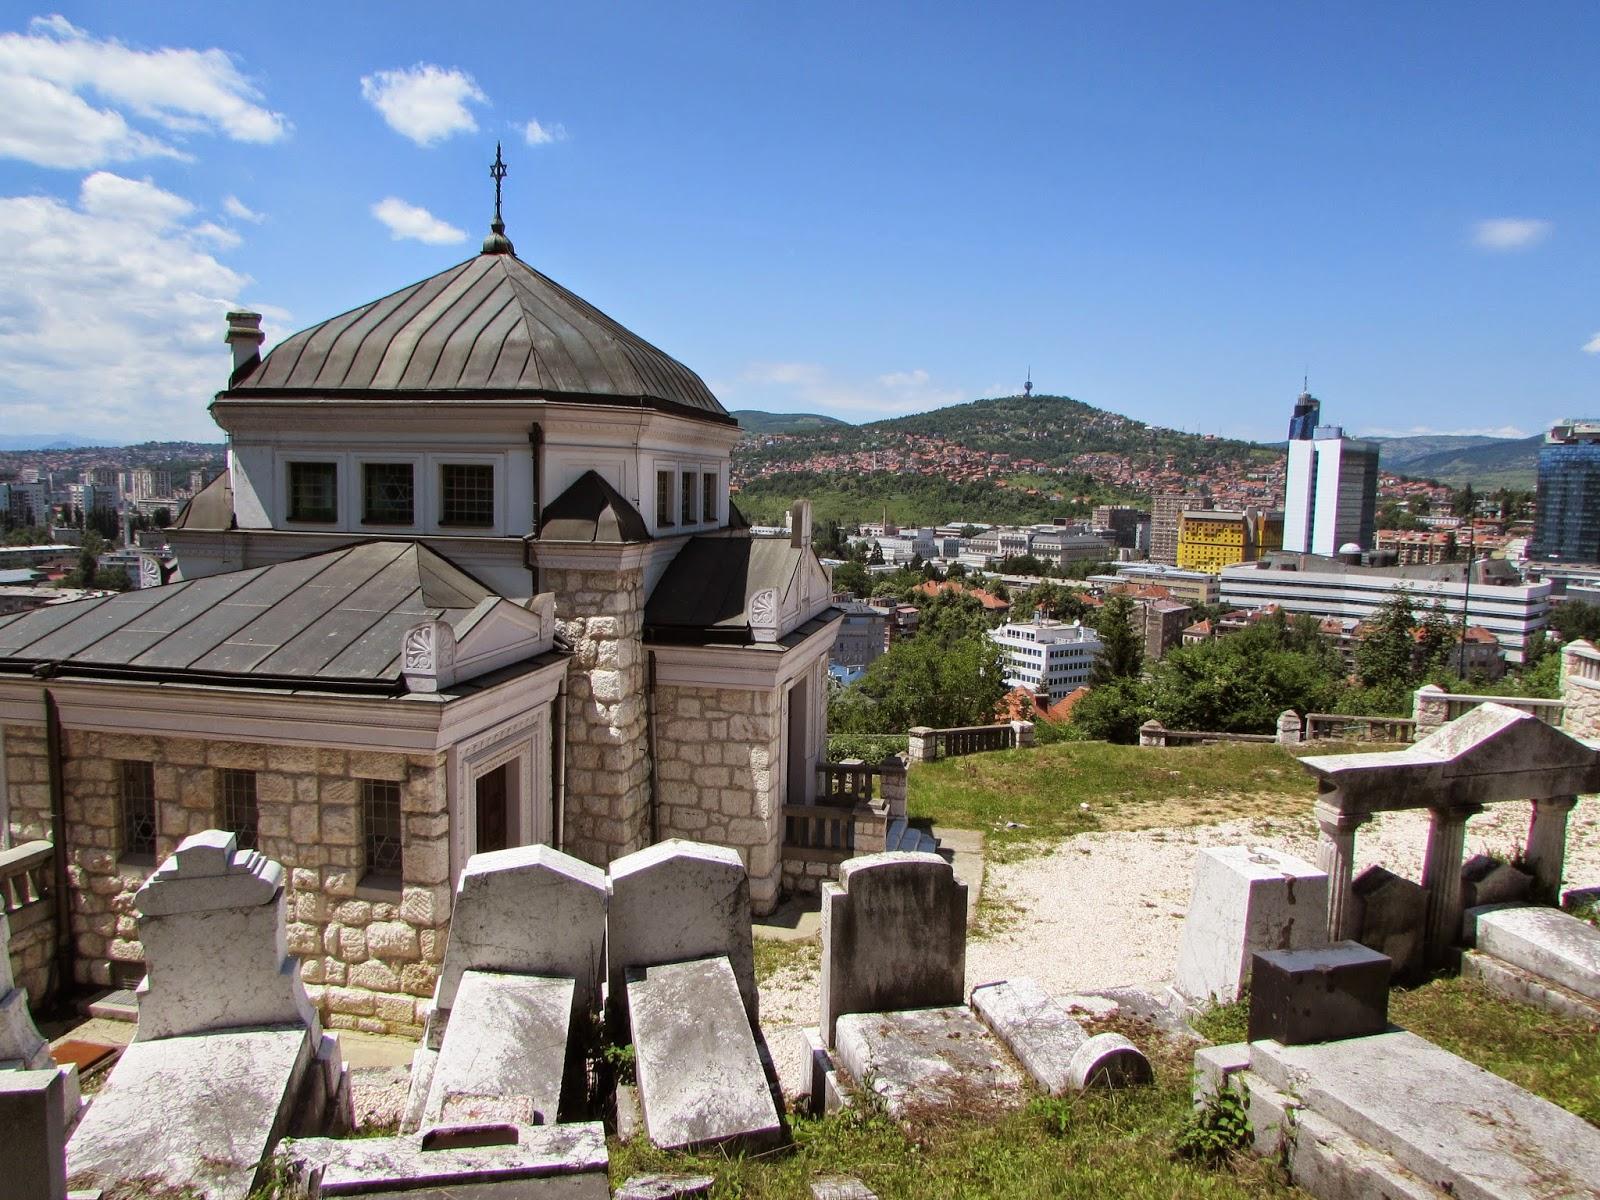 Sarajevo Photo: jonathancusteau.com